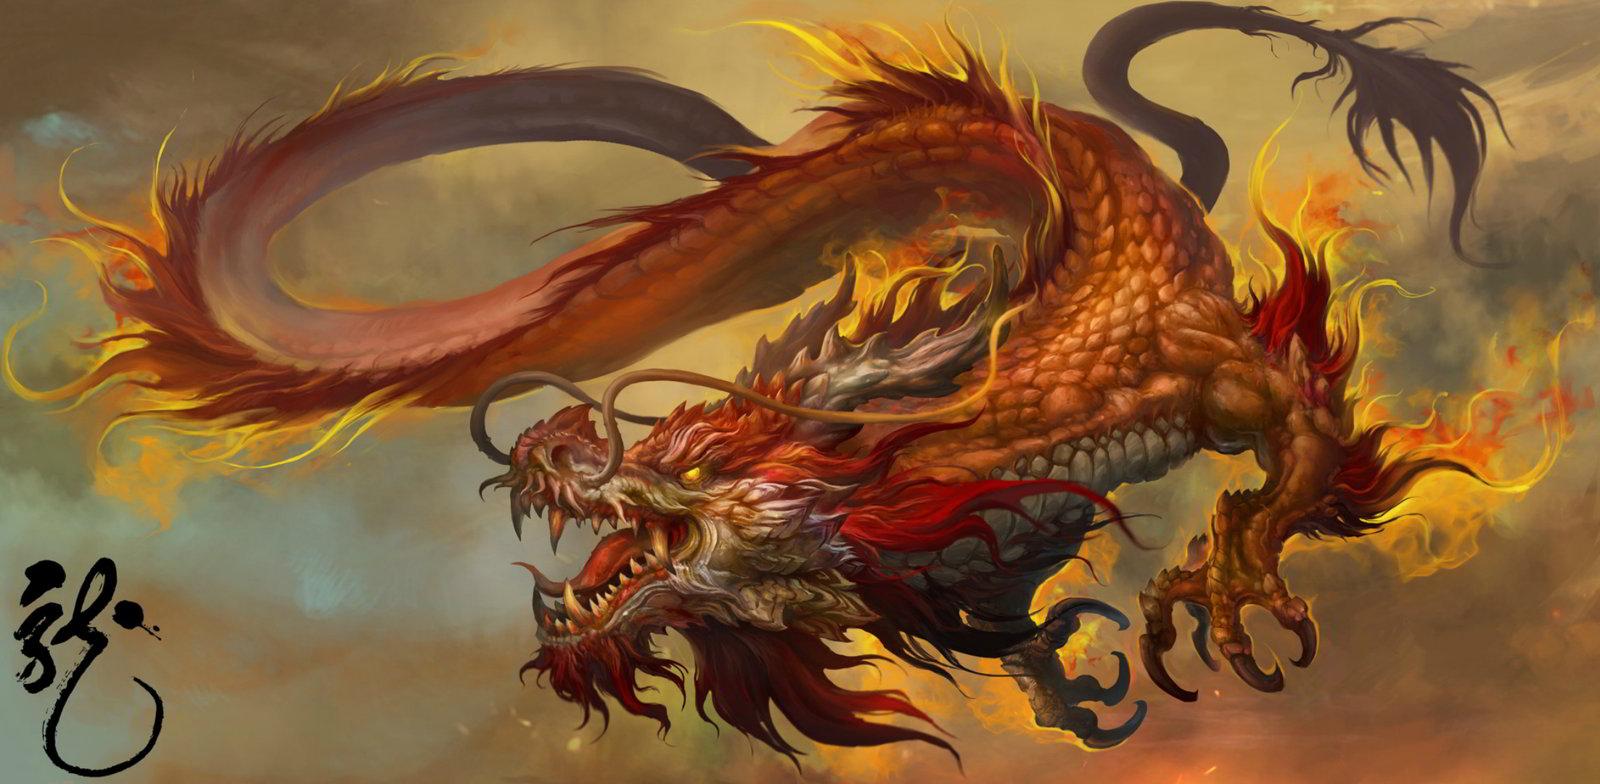 Top 100 Hinh ảnh Rồng đẹp Nhất Dragon Huyền Thoại